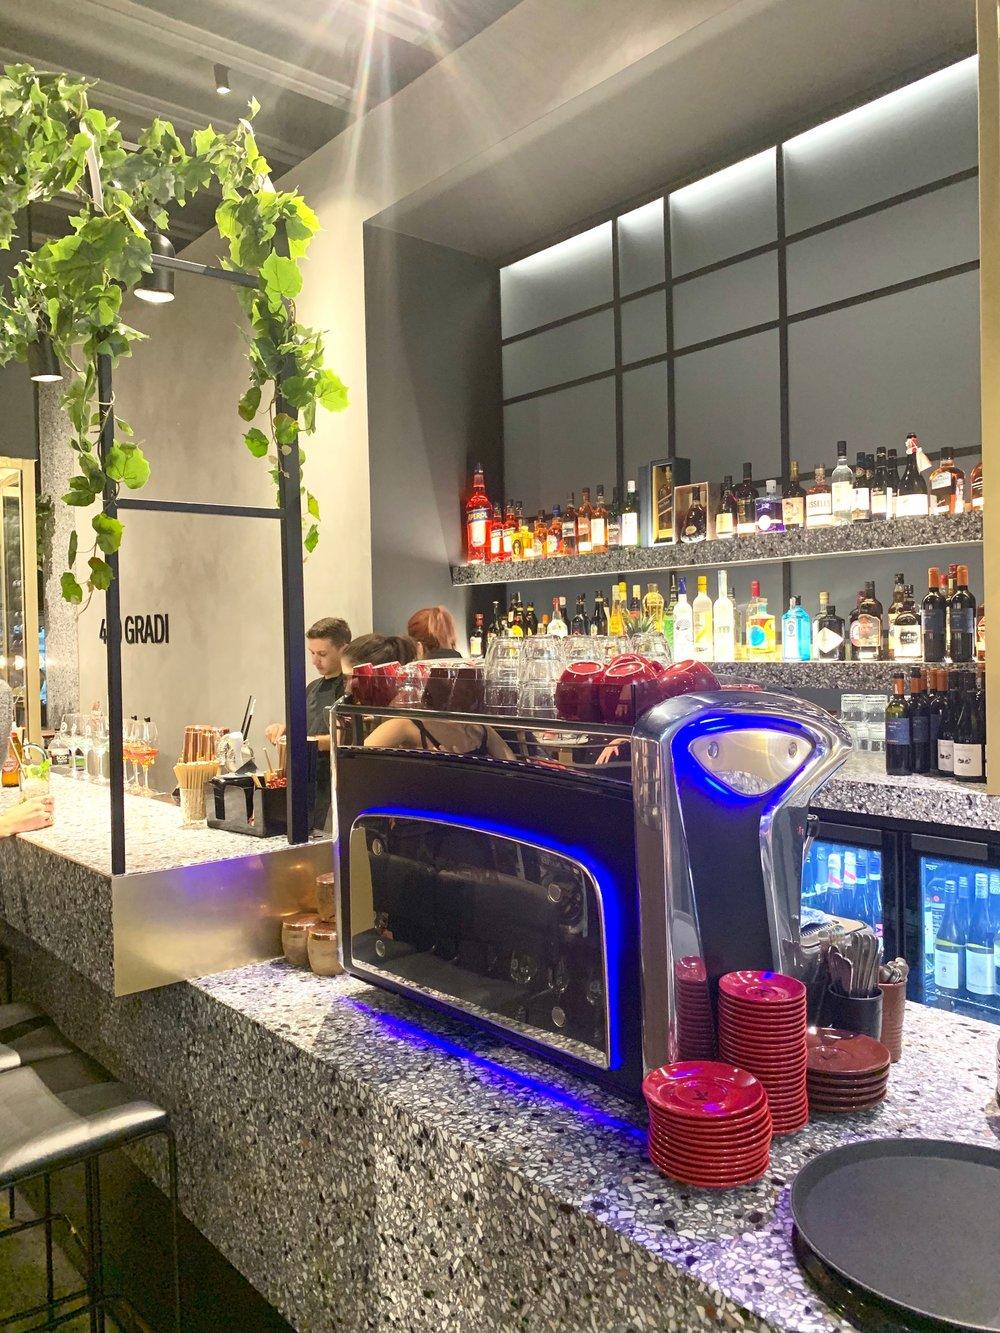 The 400 Gradi bar